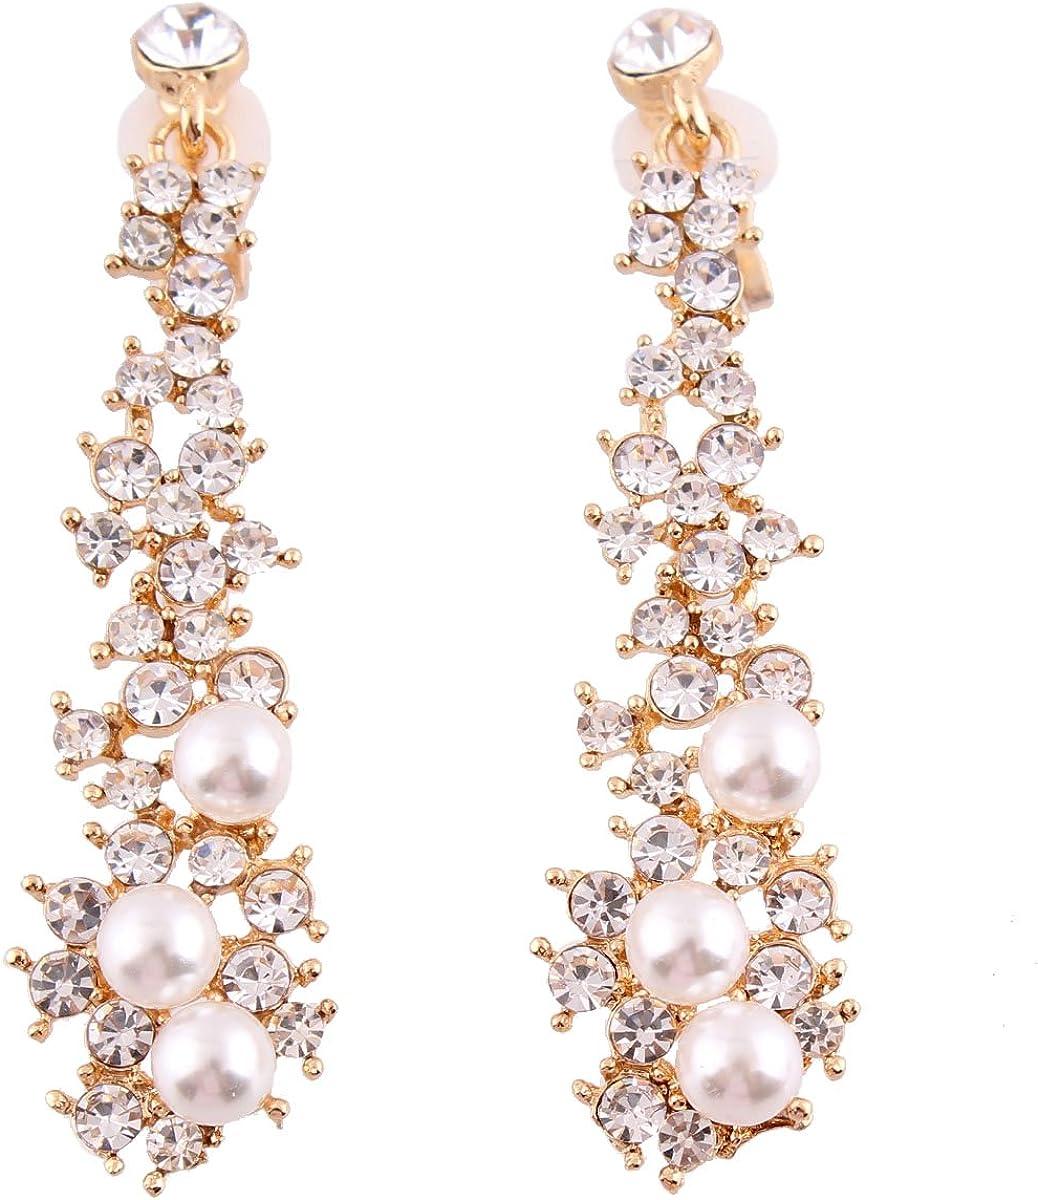 Grace Jun Luxury Bridal Rhinestone Clip on Earrings Non Piercing for Women Large Statement Earrings